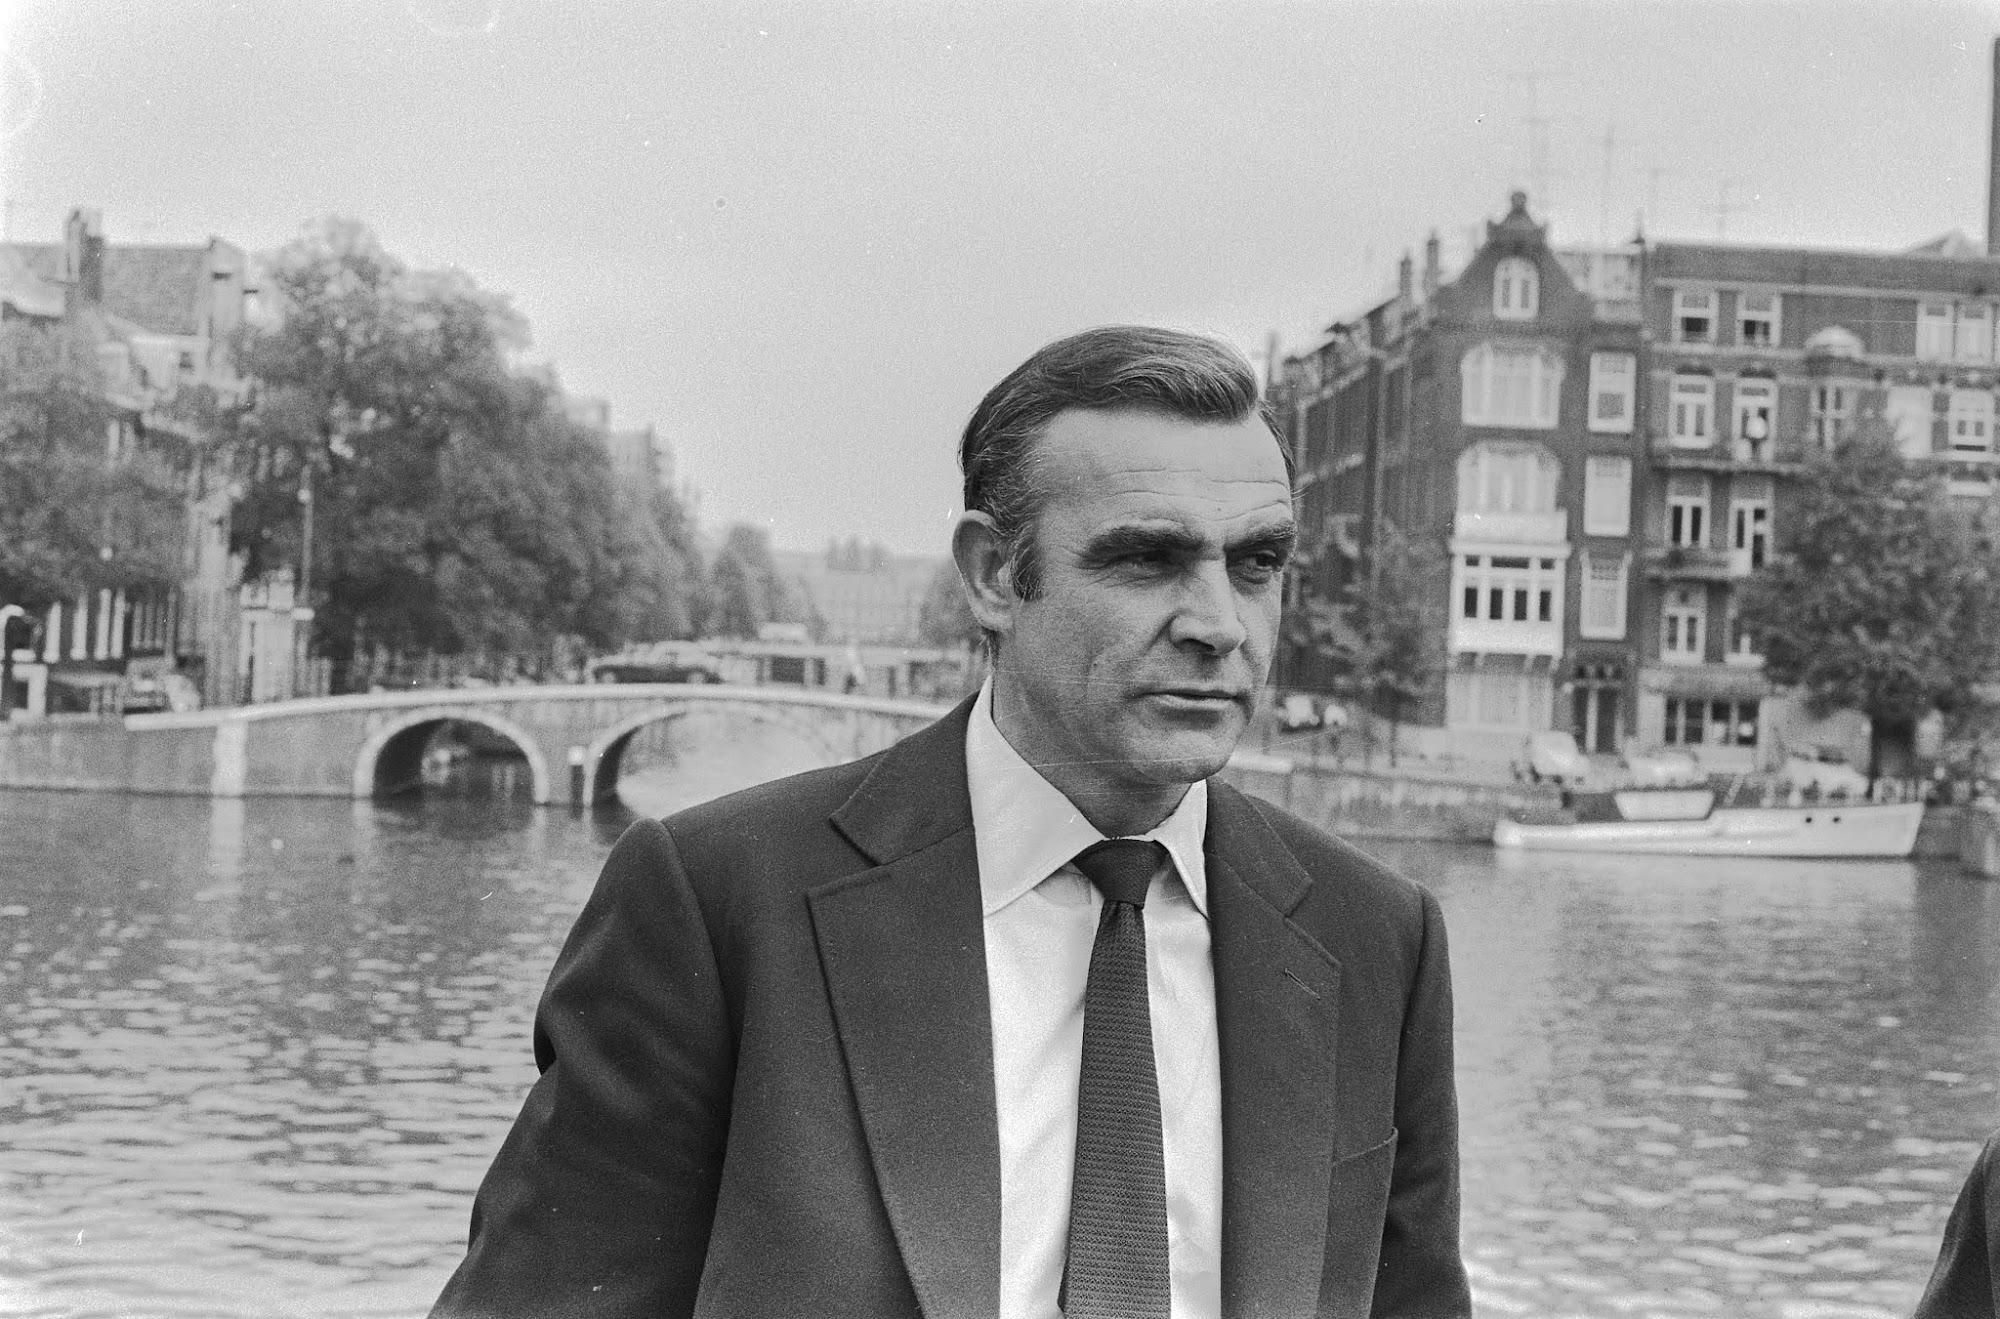 Die ersten 19 James-Bond-Filme sind jetzt auf YouTube frei zugänglich   VPN vorausgesetzt